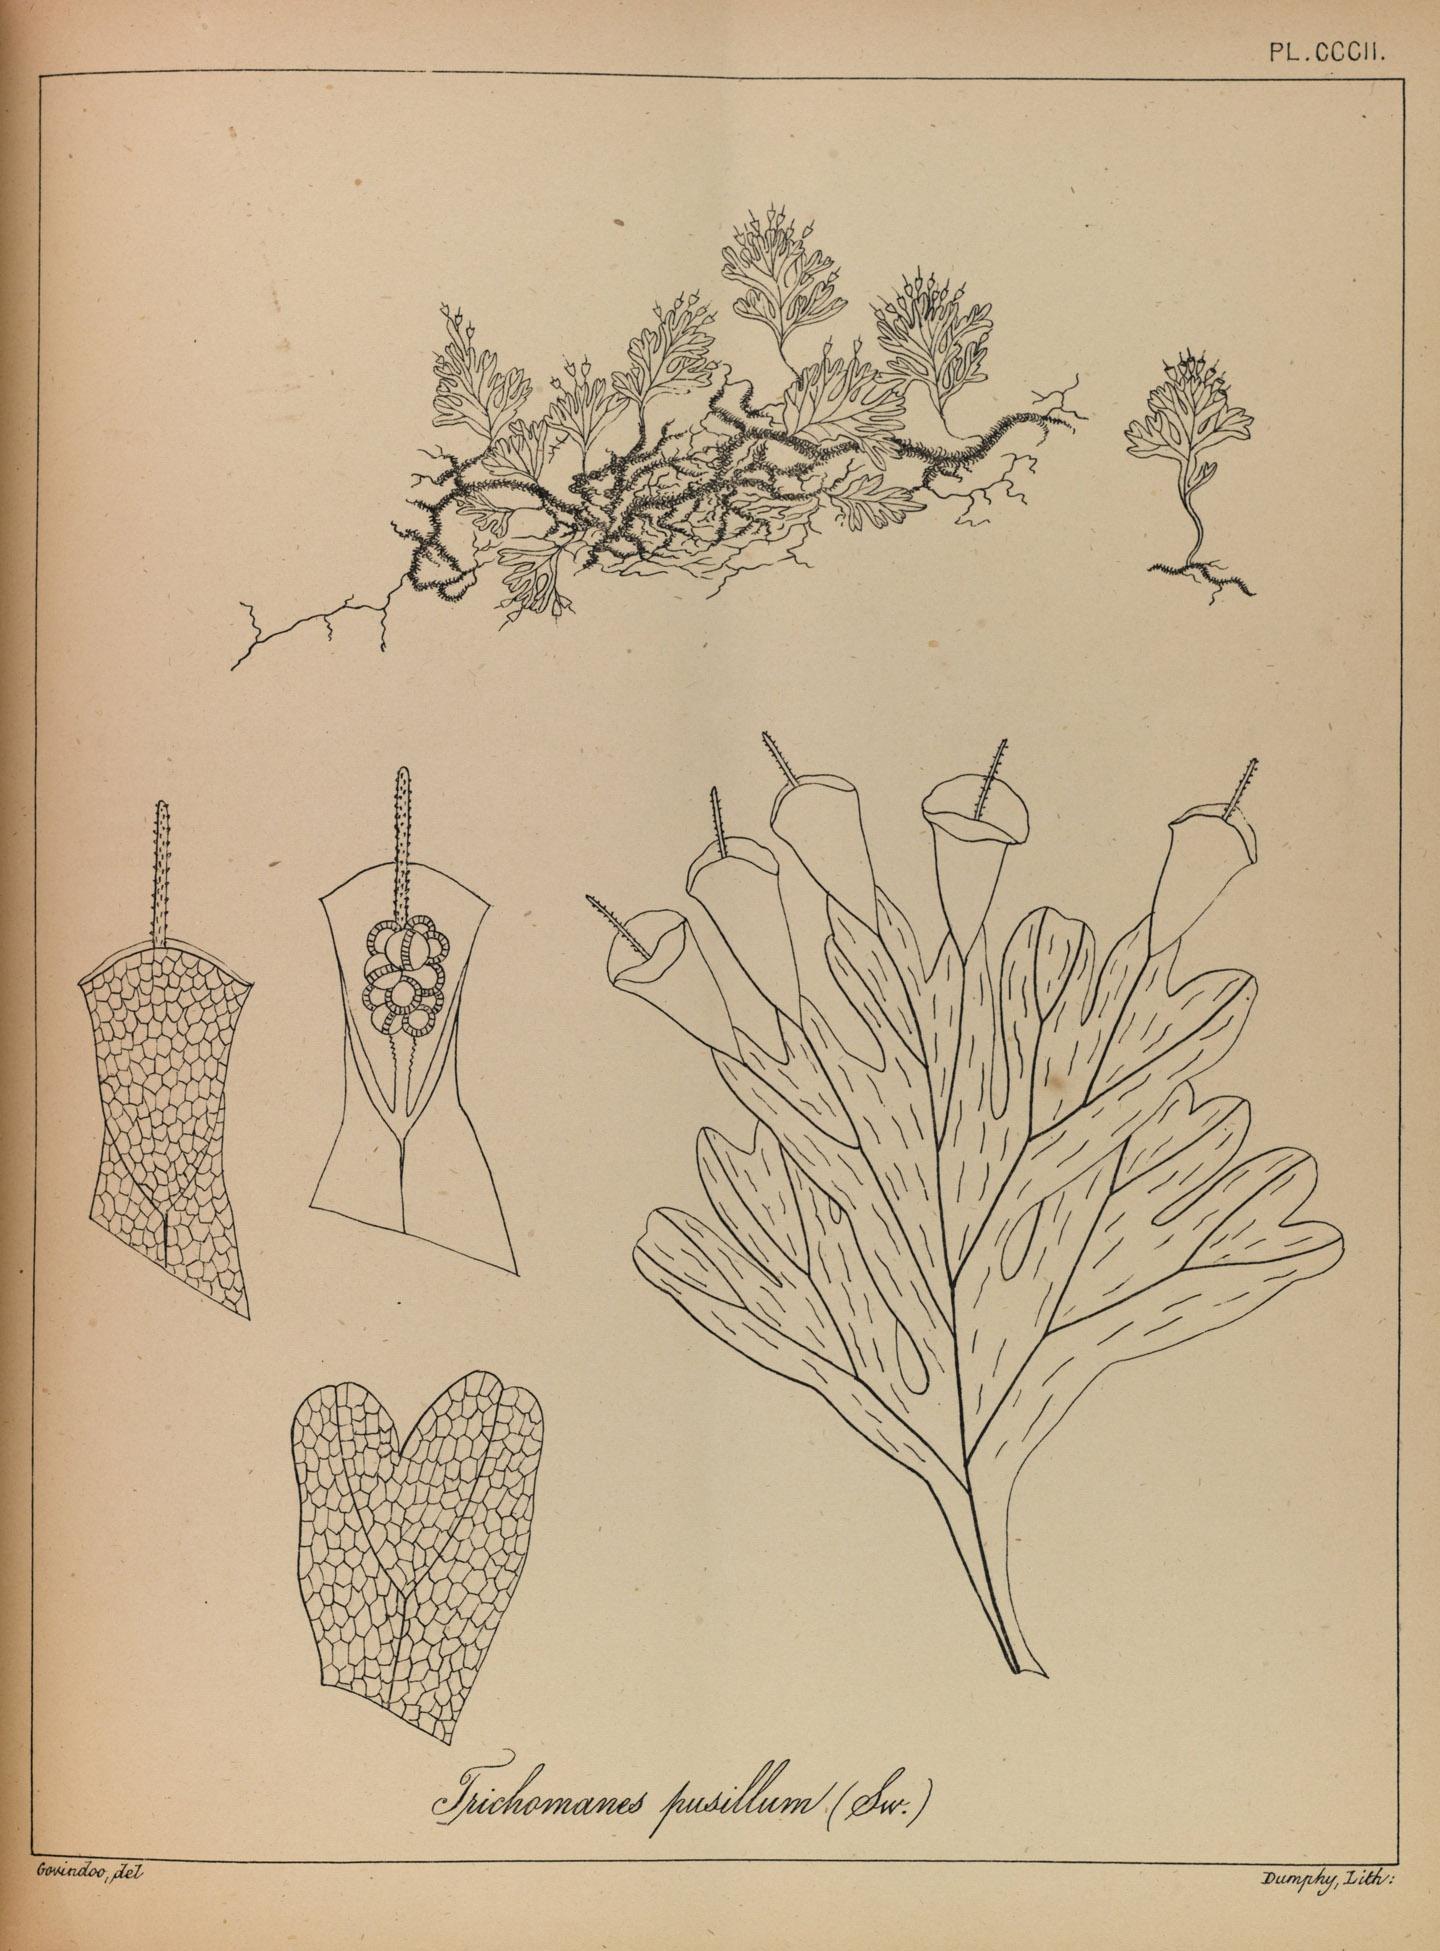 Didymoglossum pusillum